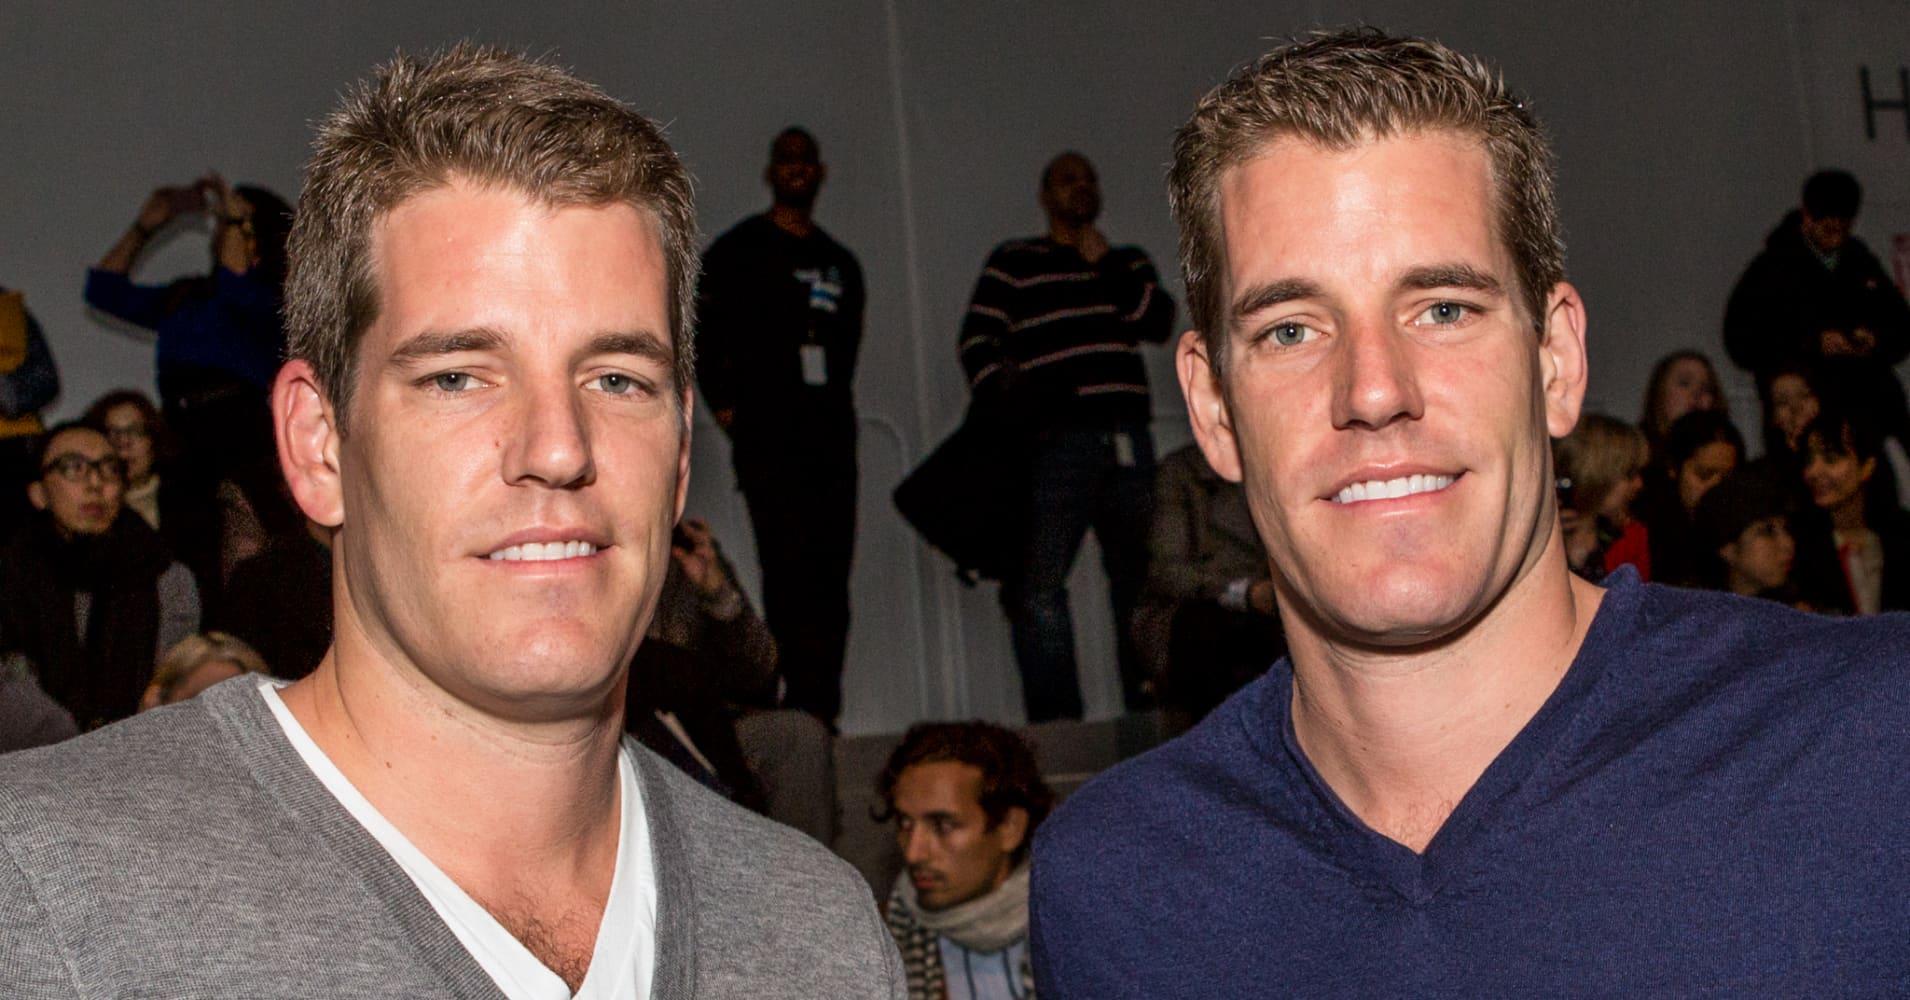 Never Mind Facebook Winklevoss Twins Rule In Digital Money